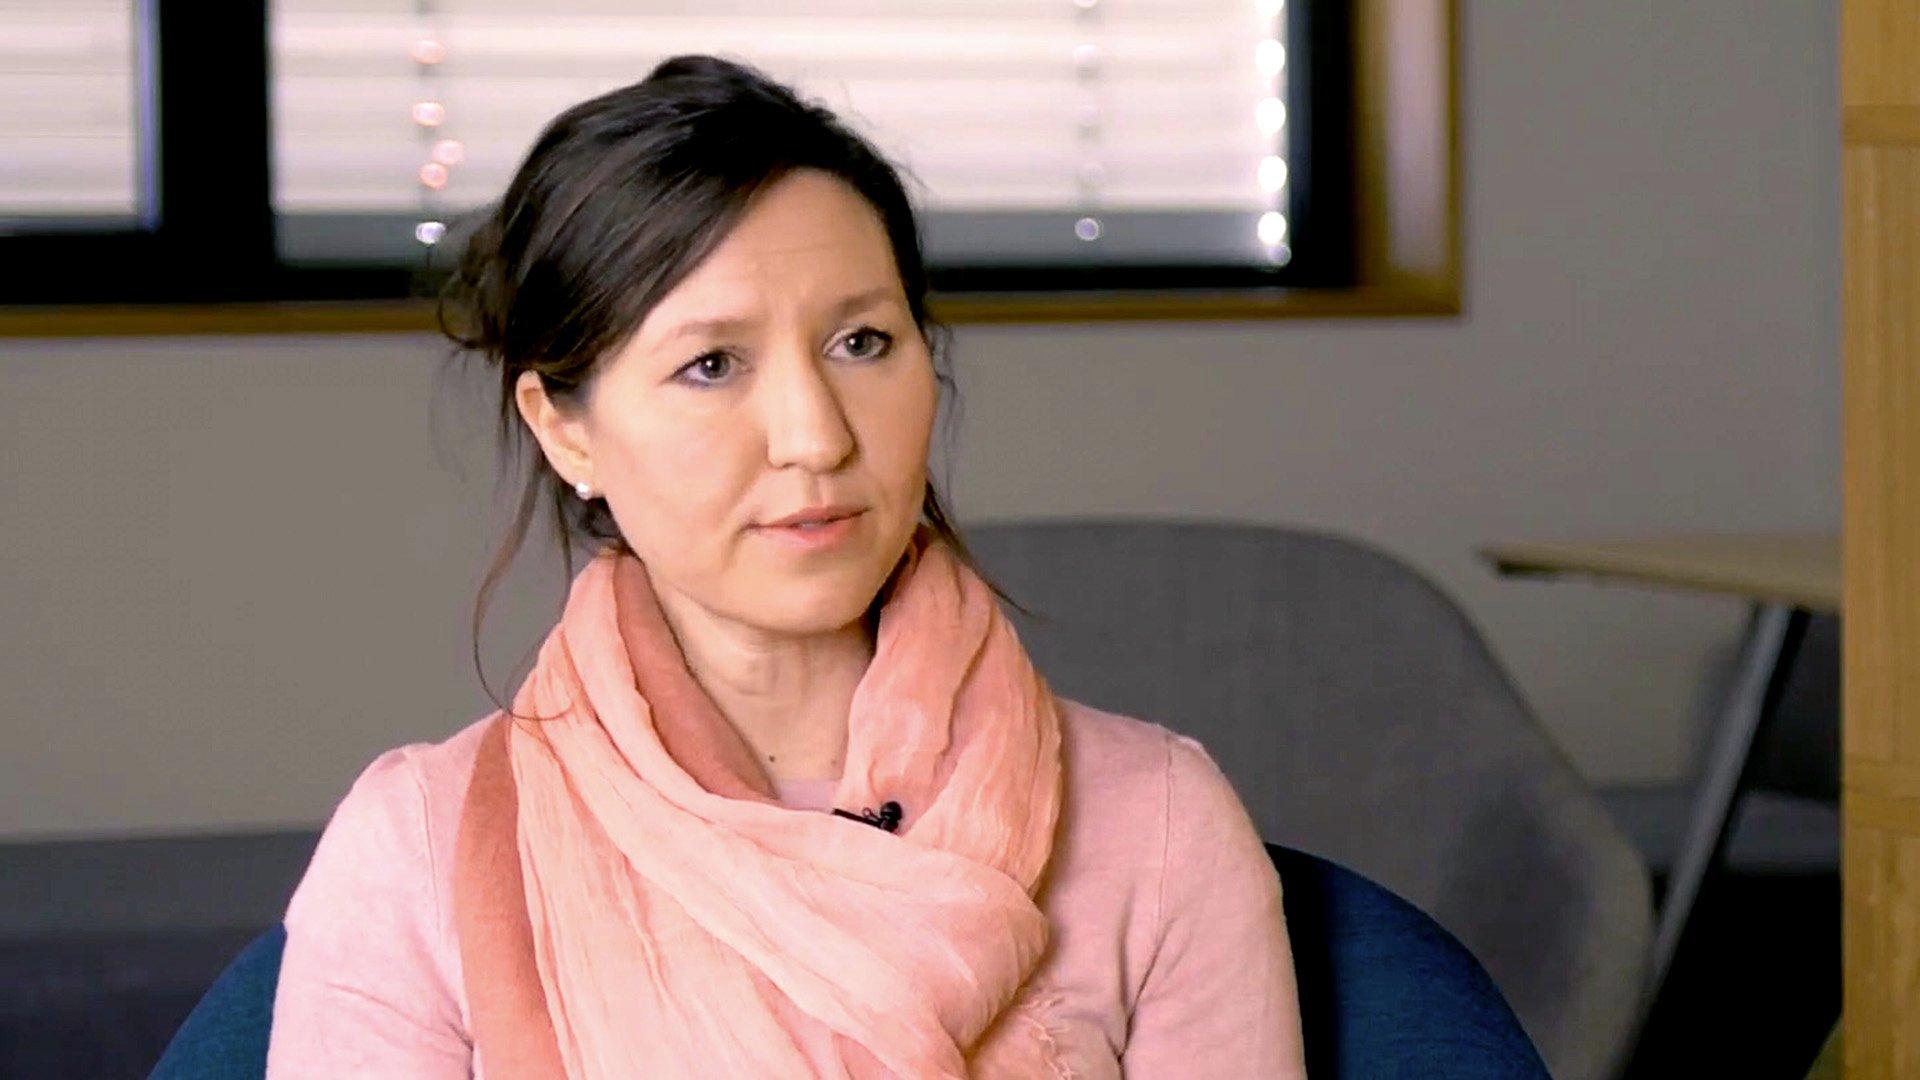 Psychiaterin: Die Menschen werden durch geschürte Angst in eine hilflose Opferposition gebracht